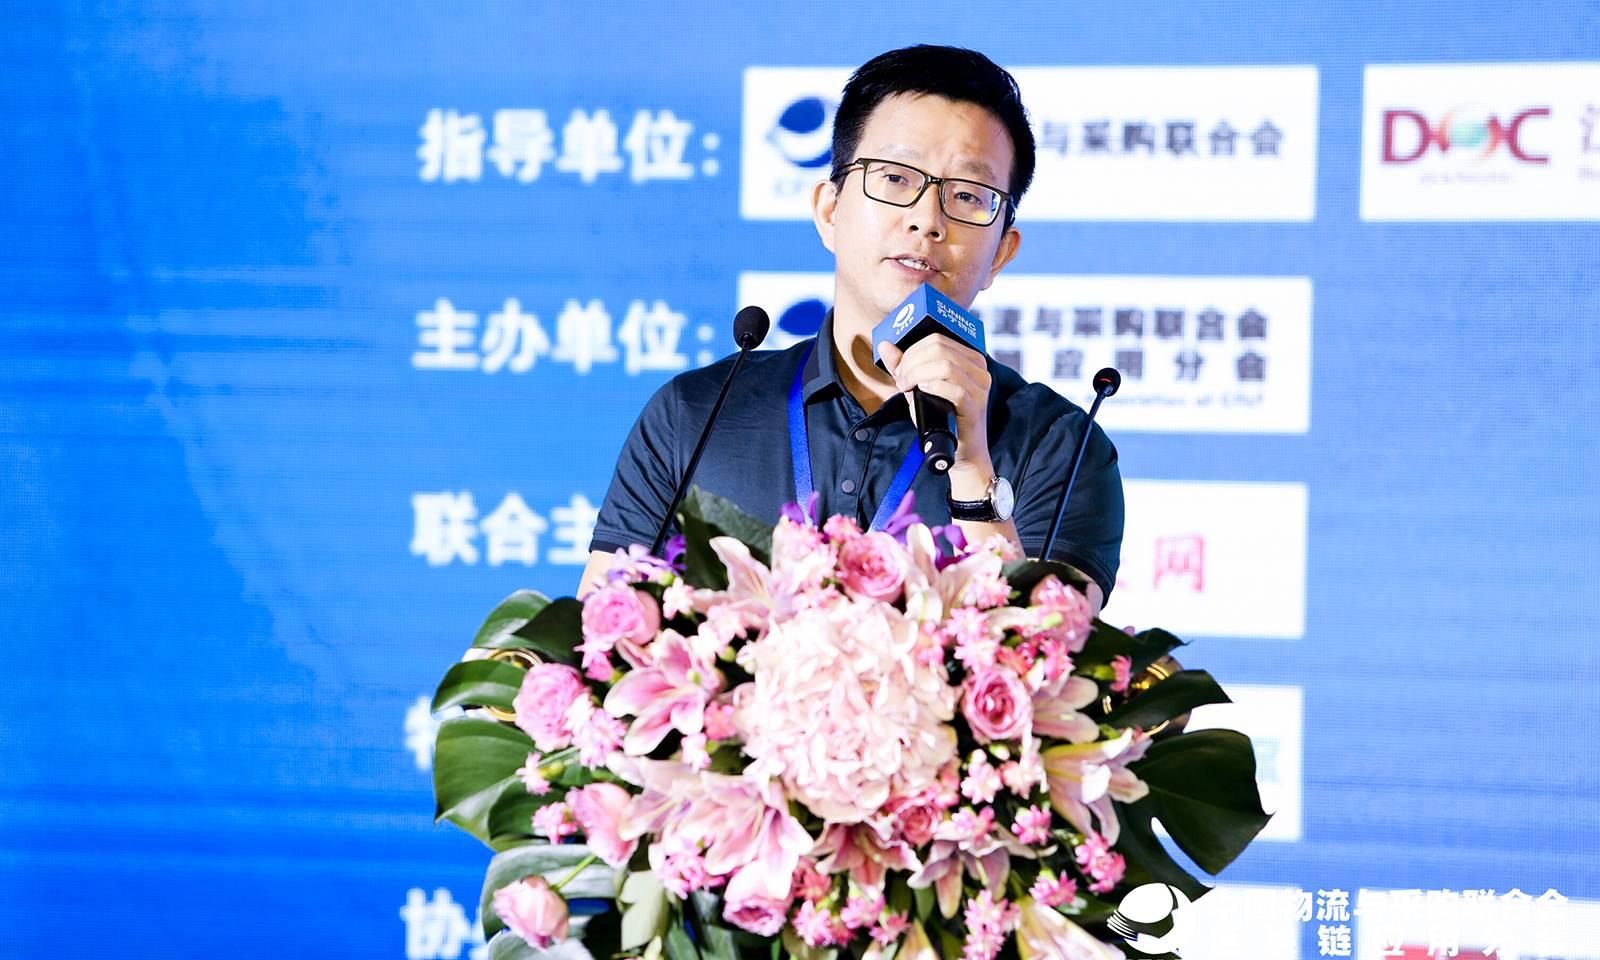 zhonghongmin